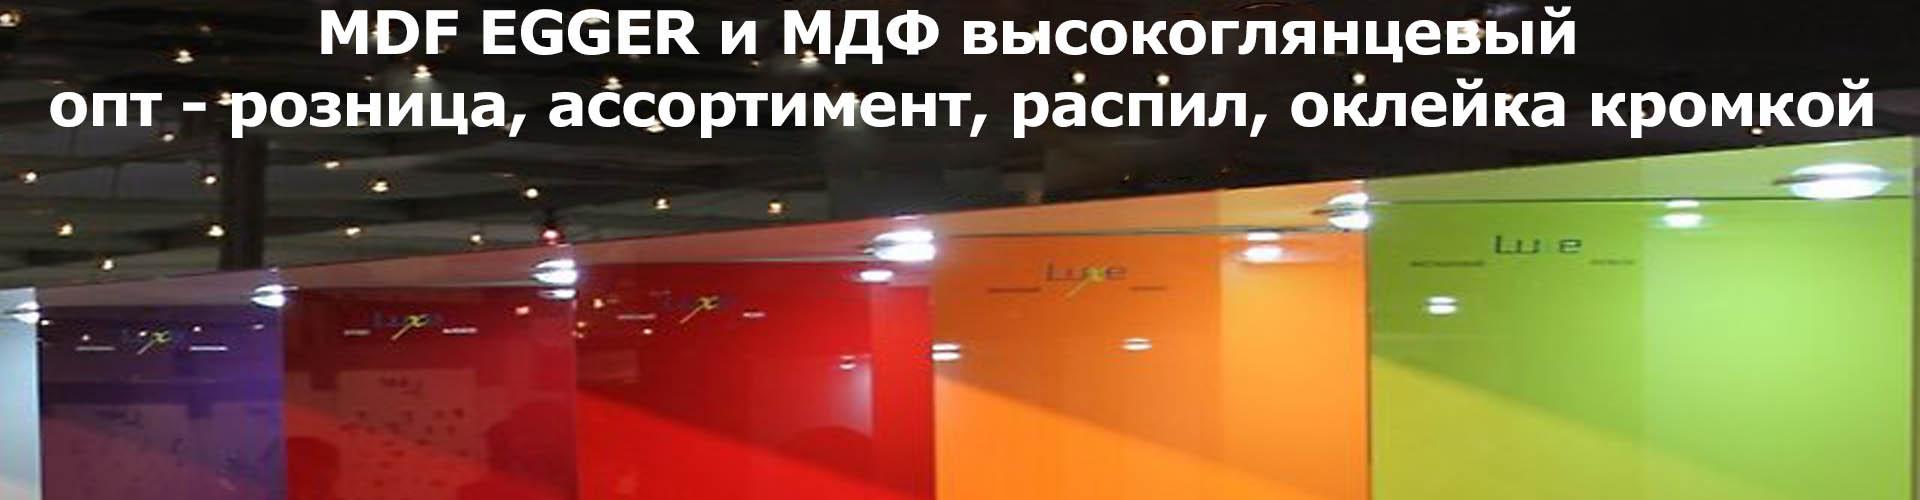 МДФ высокоглянцевый в Минске